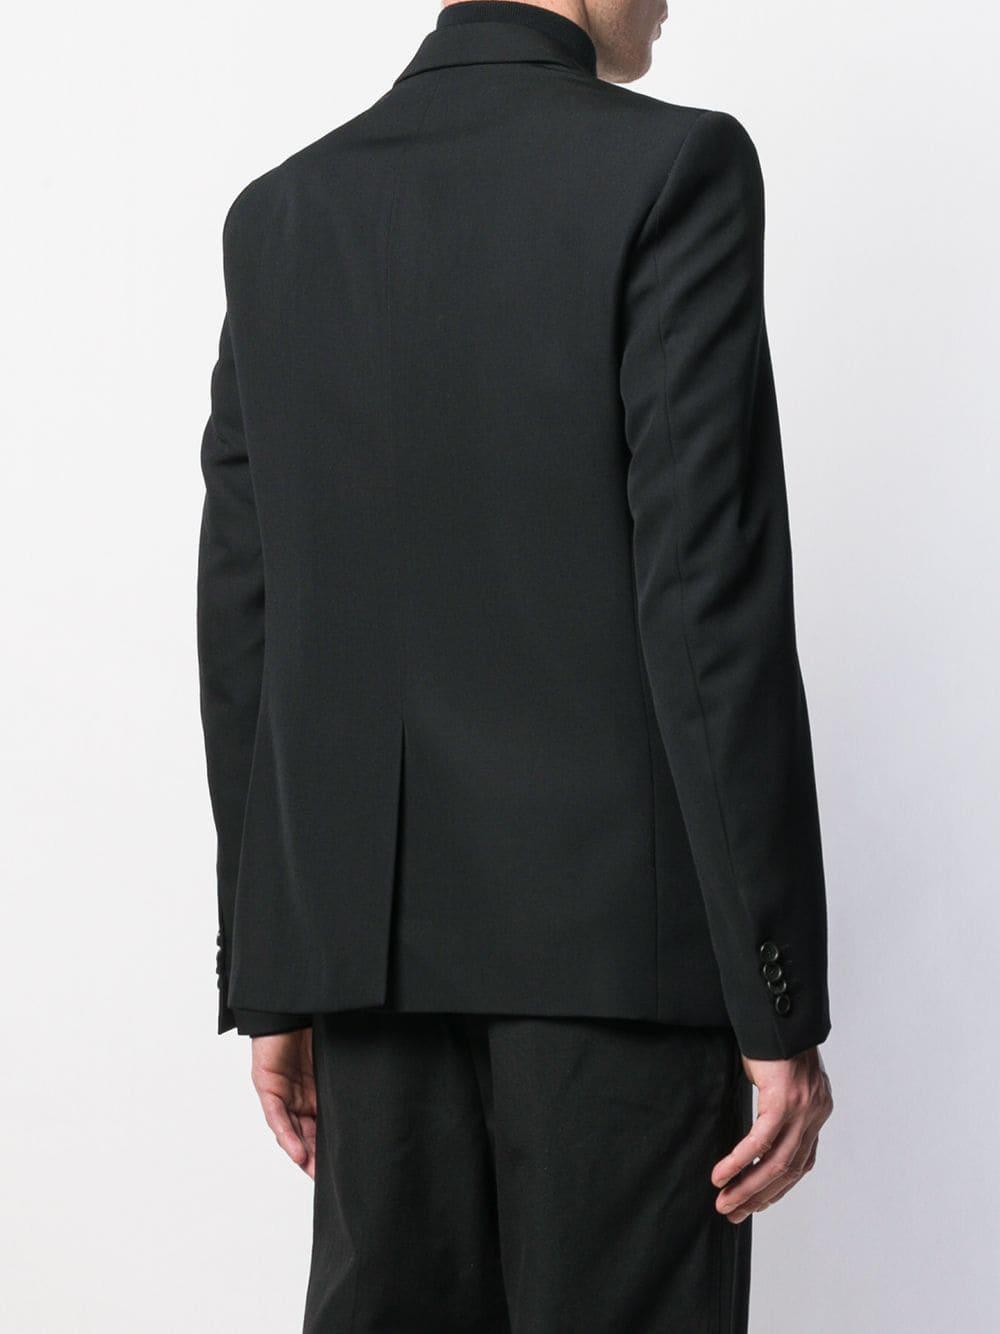 Stella McCartney Wol Blazer Met Logoprint in het Zwart voor heren